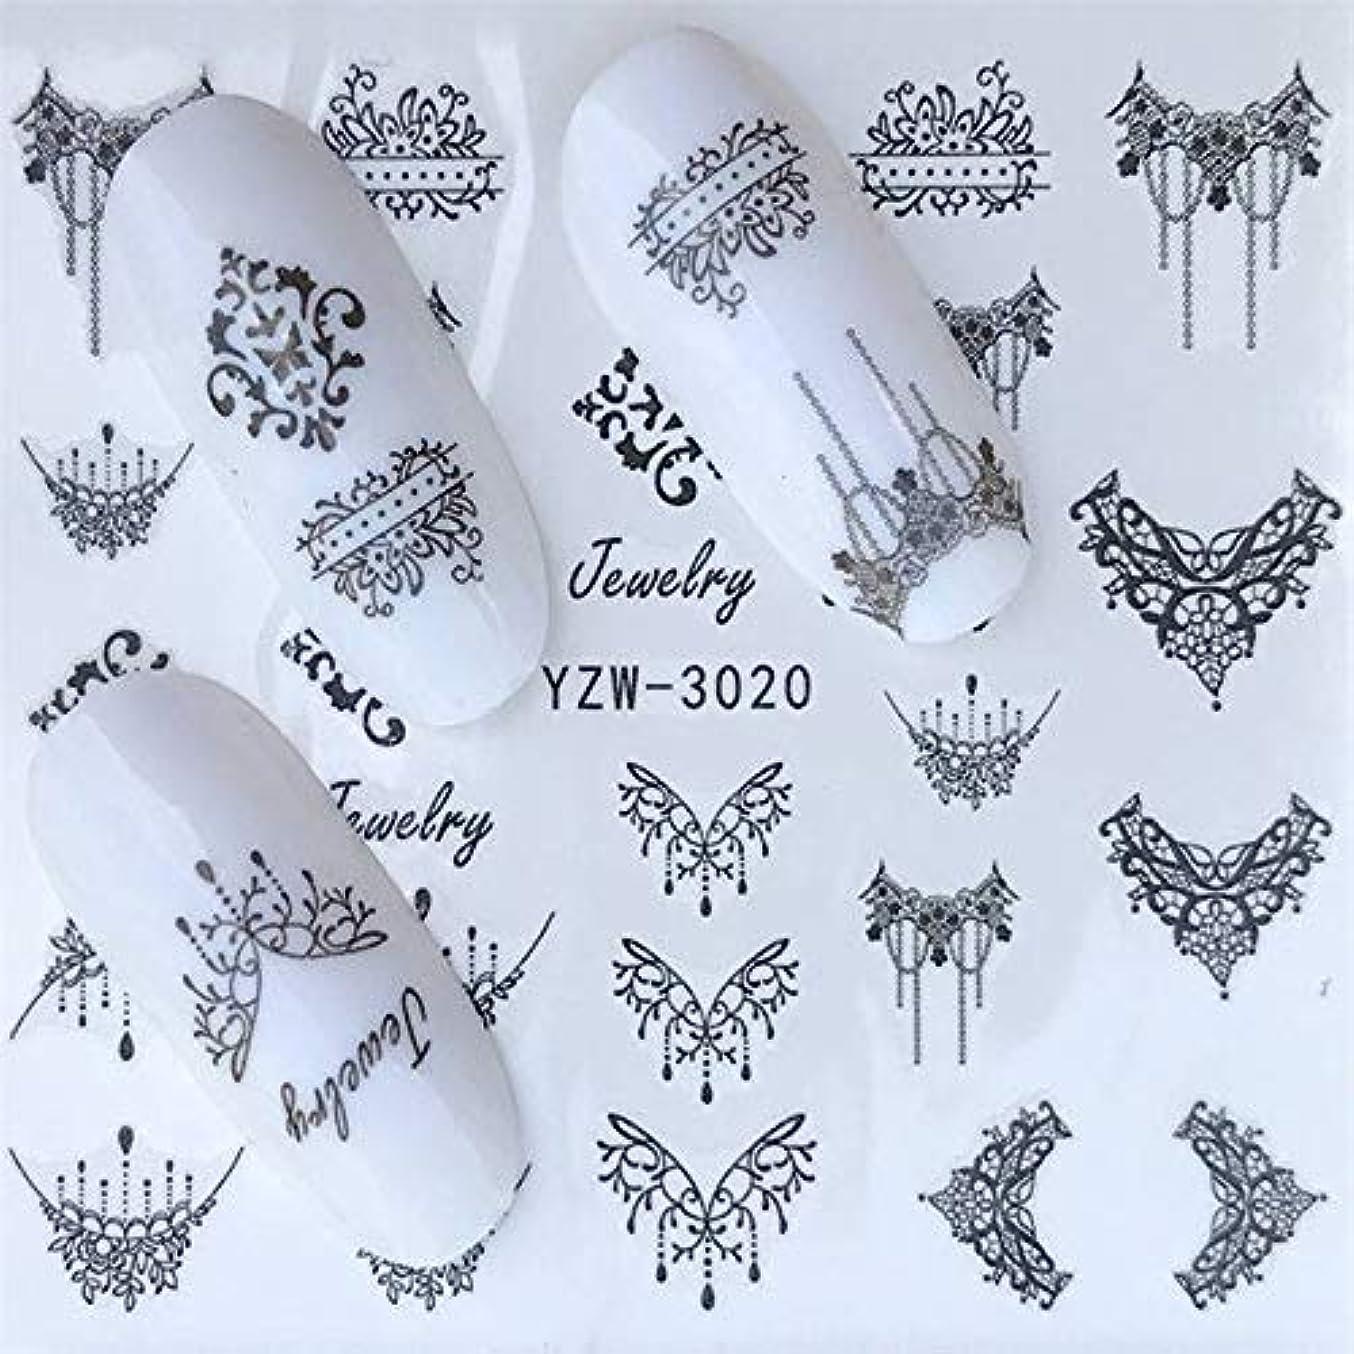 発火する話をするパステルSUKTI&XIAO ネイルステッカー 30スタイルネイルステッカー夏カラフルなデザイン水転写デカールネイルアートの装飾美容のヒント